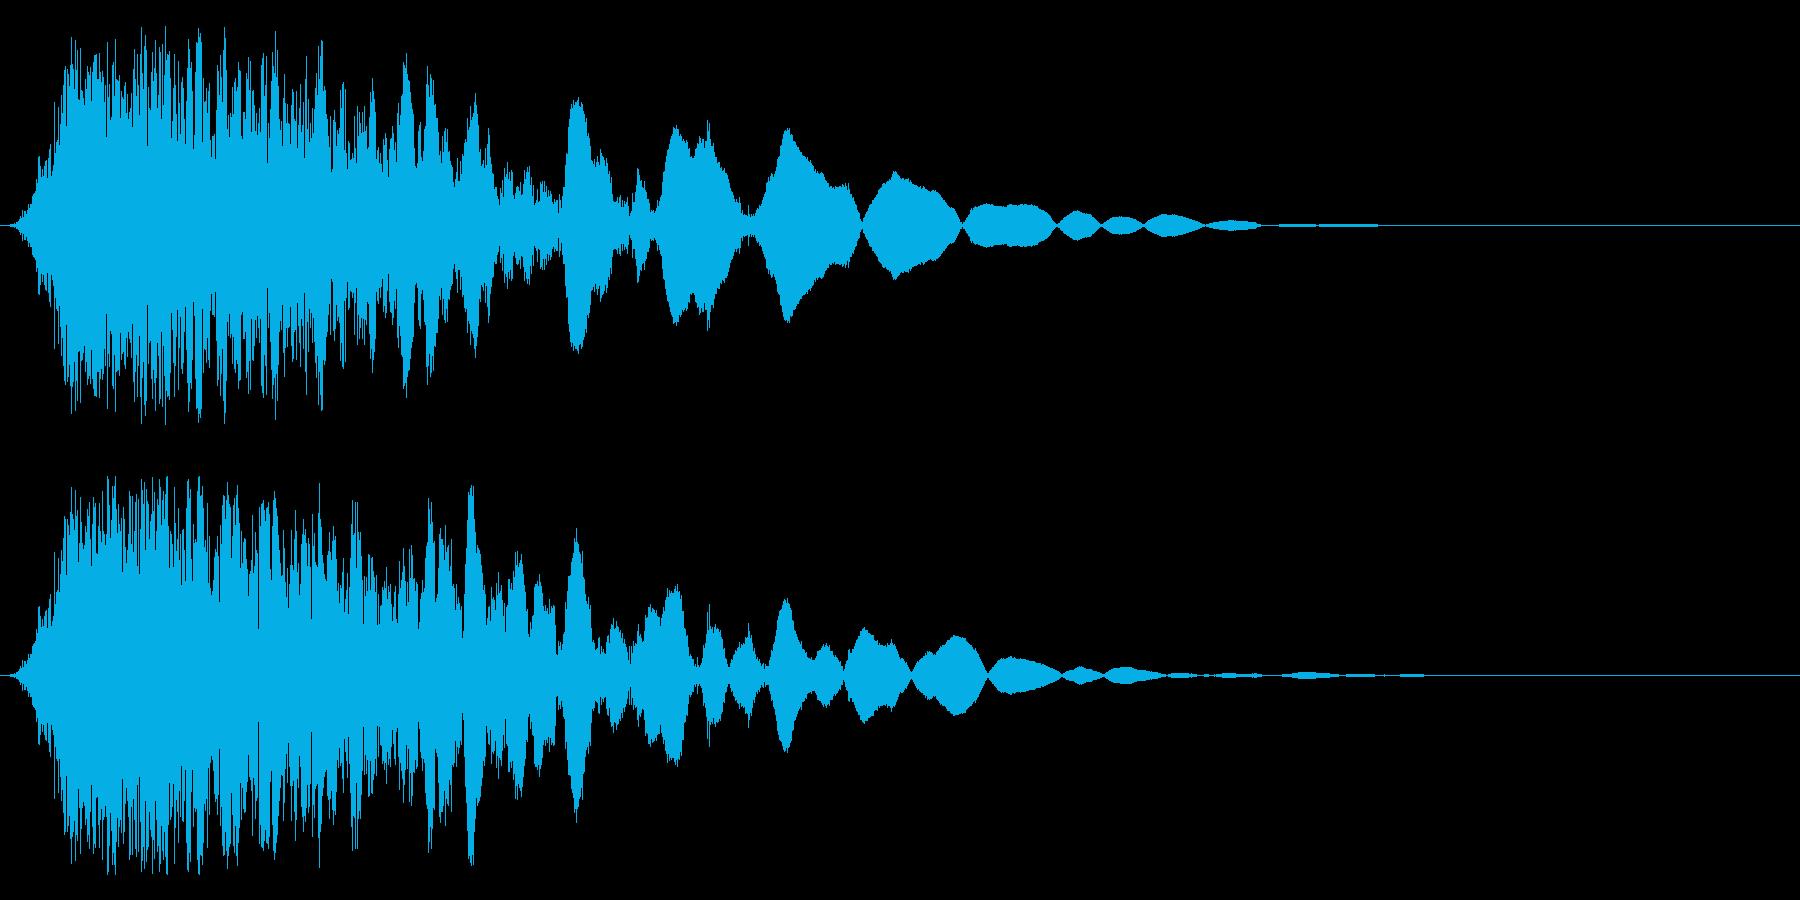 刀や剣 抜刀 斬撃の効果音 11bの再生済みの波形